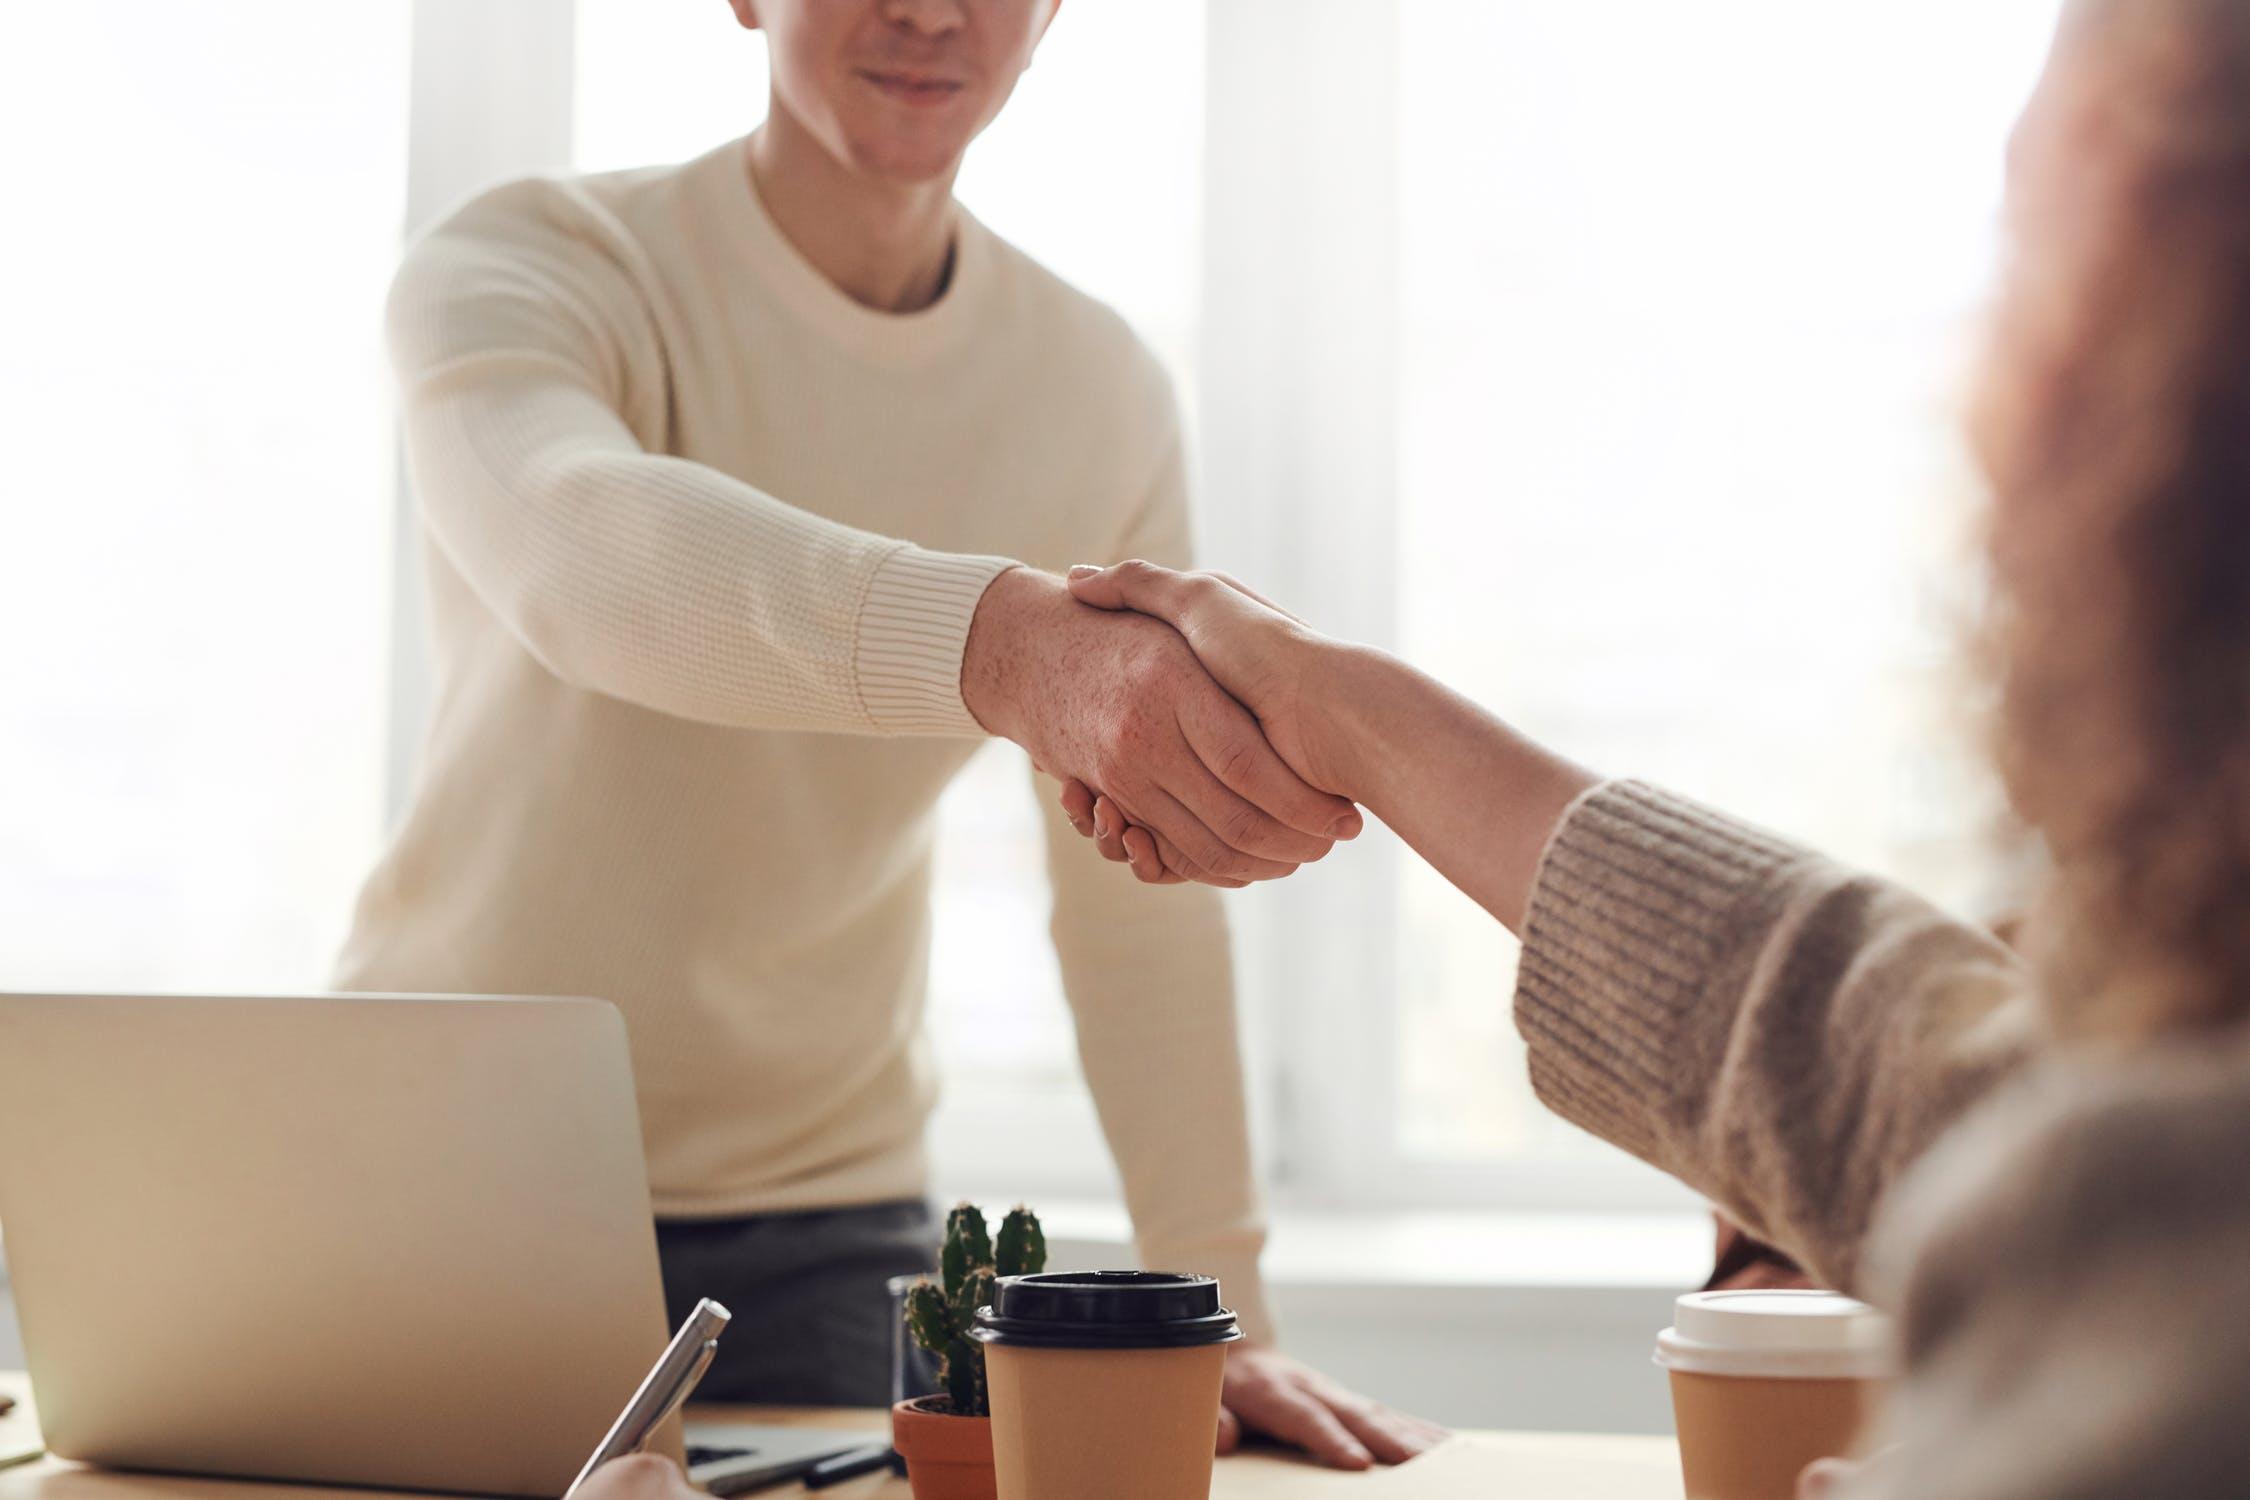 NEU: Papershift Partnerprogramm – Partner werden und 200€ Prämie abstauben!